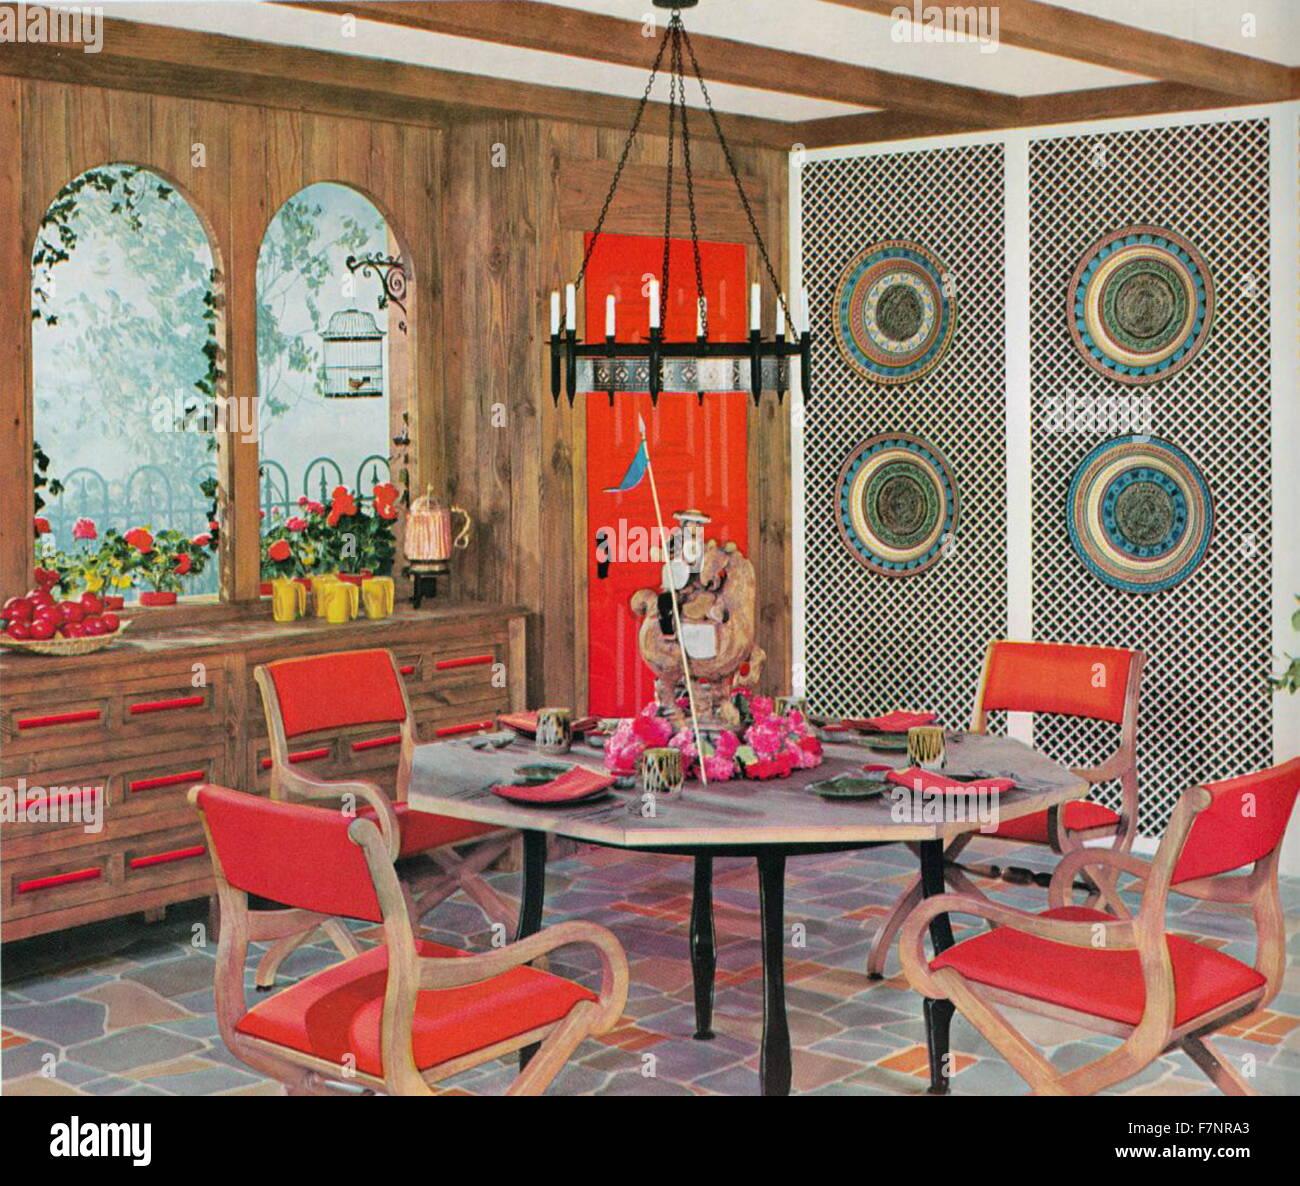 Ilustración mostrando un retro comedor desde el libro de Armstrong de la decoración de interiores. Fecha Imagen De Stock